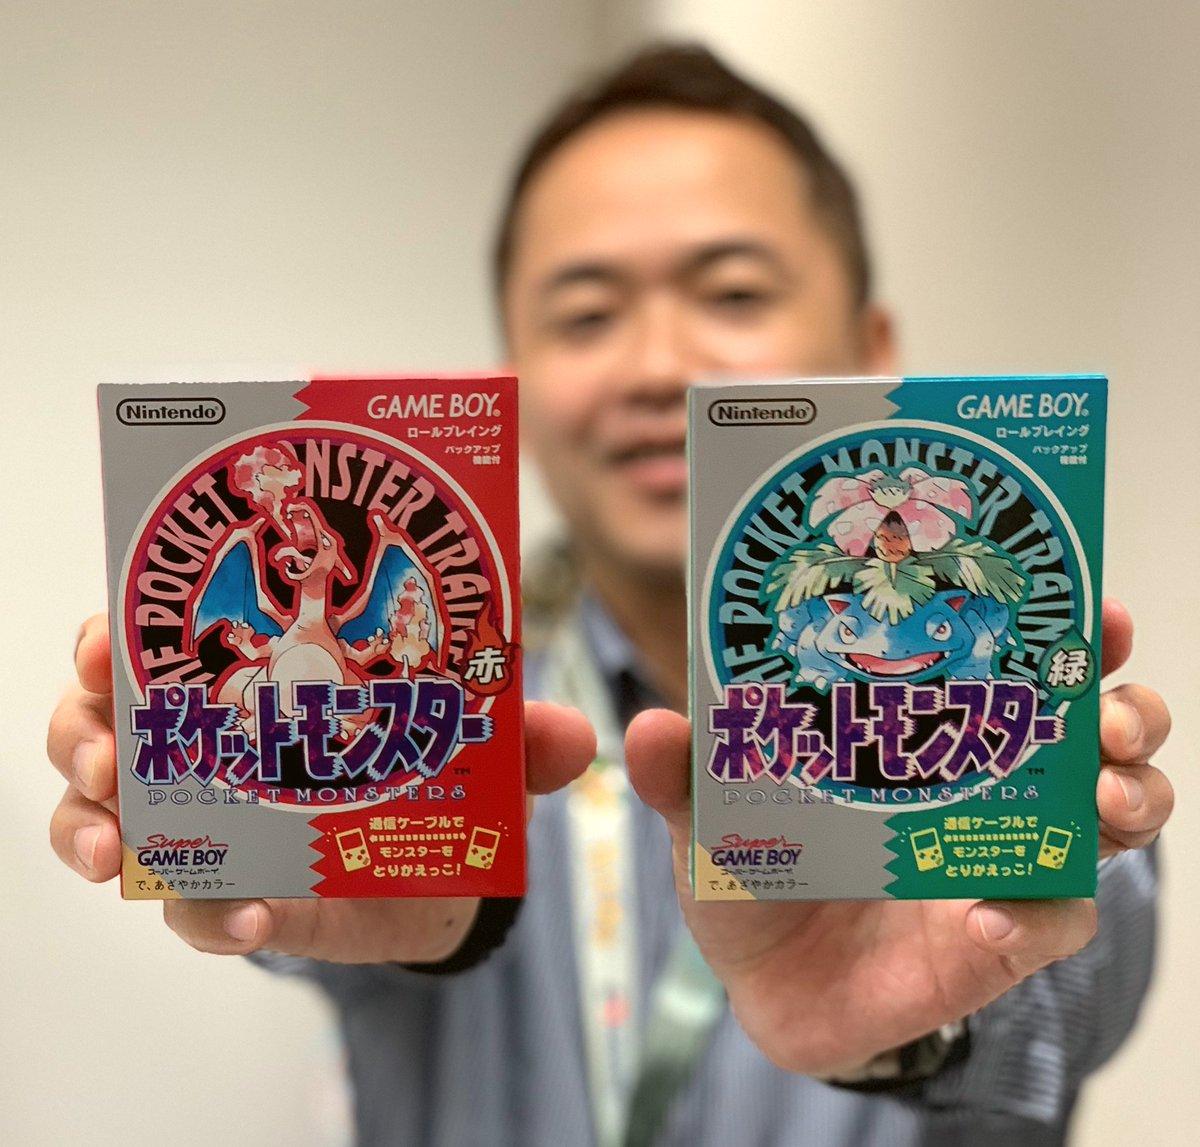 増田順一@GAME FREAK inc.さんの投稿画像